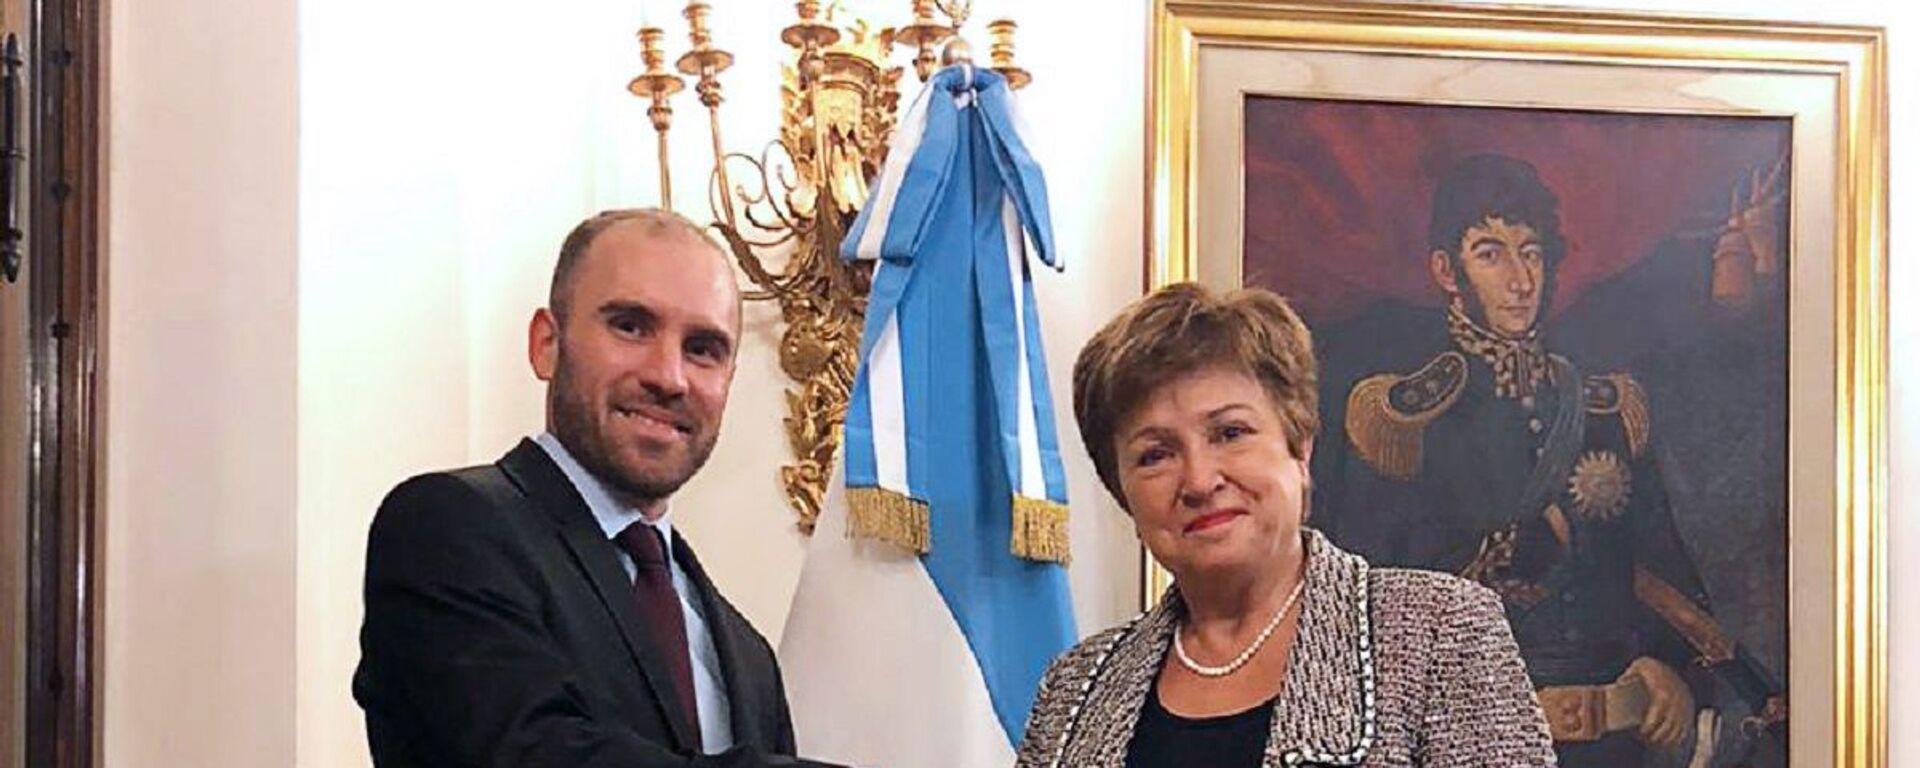 El ministro de Economía Martín Guzmán en reunión con la Directora Gerente del Fondo Monetario Internacional (FMI), Kristalina Georgieva - Sputnik Mundo, 1920, 13.10.2021